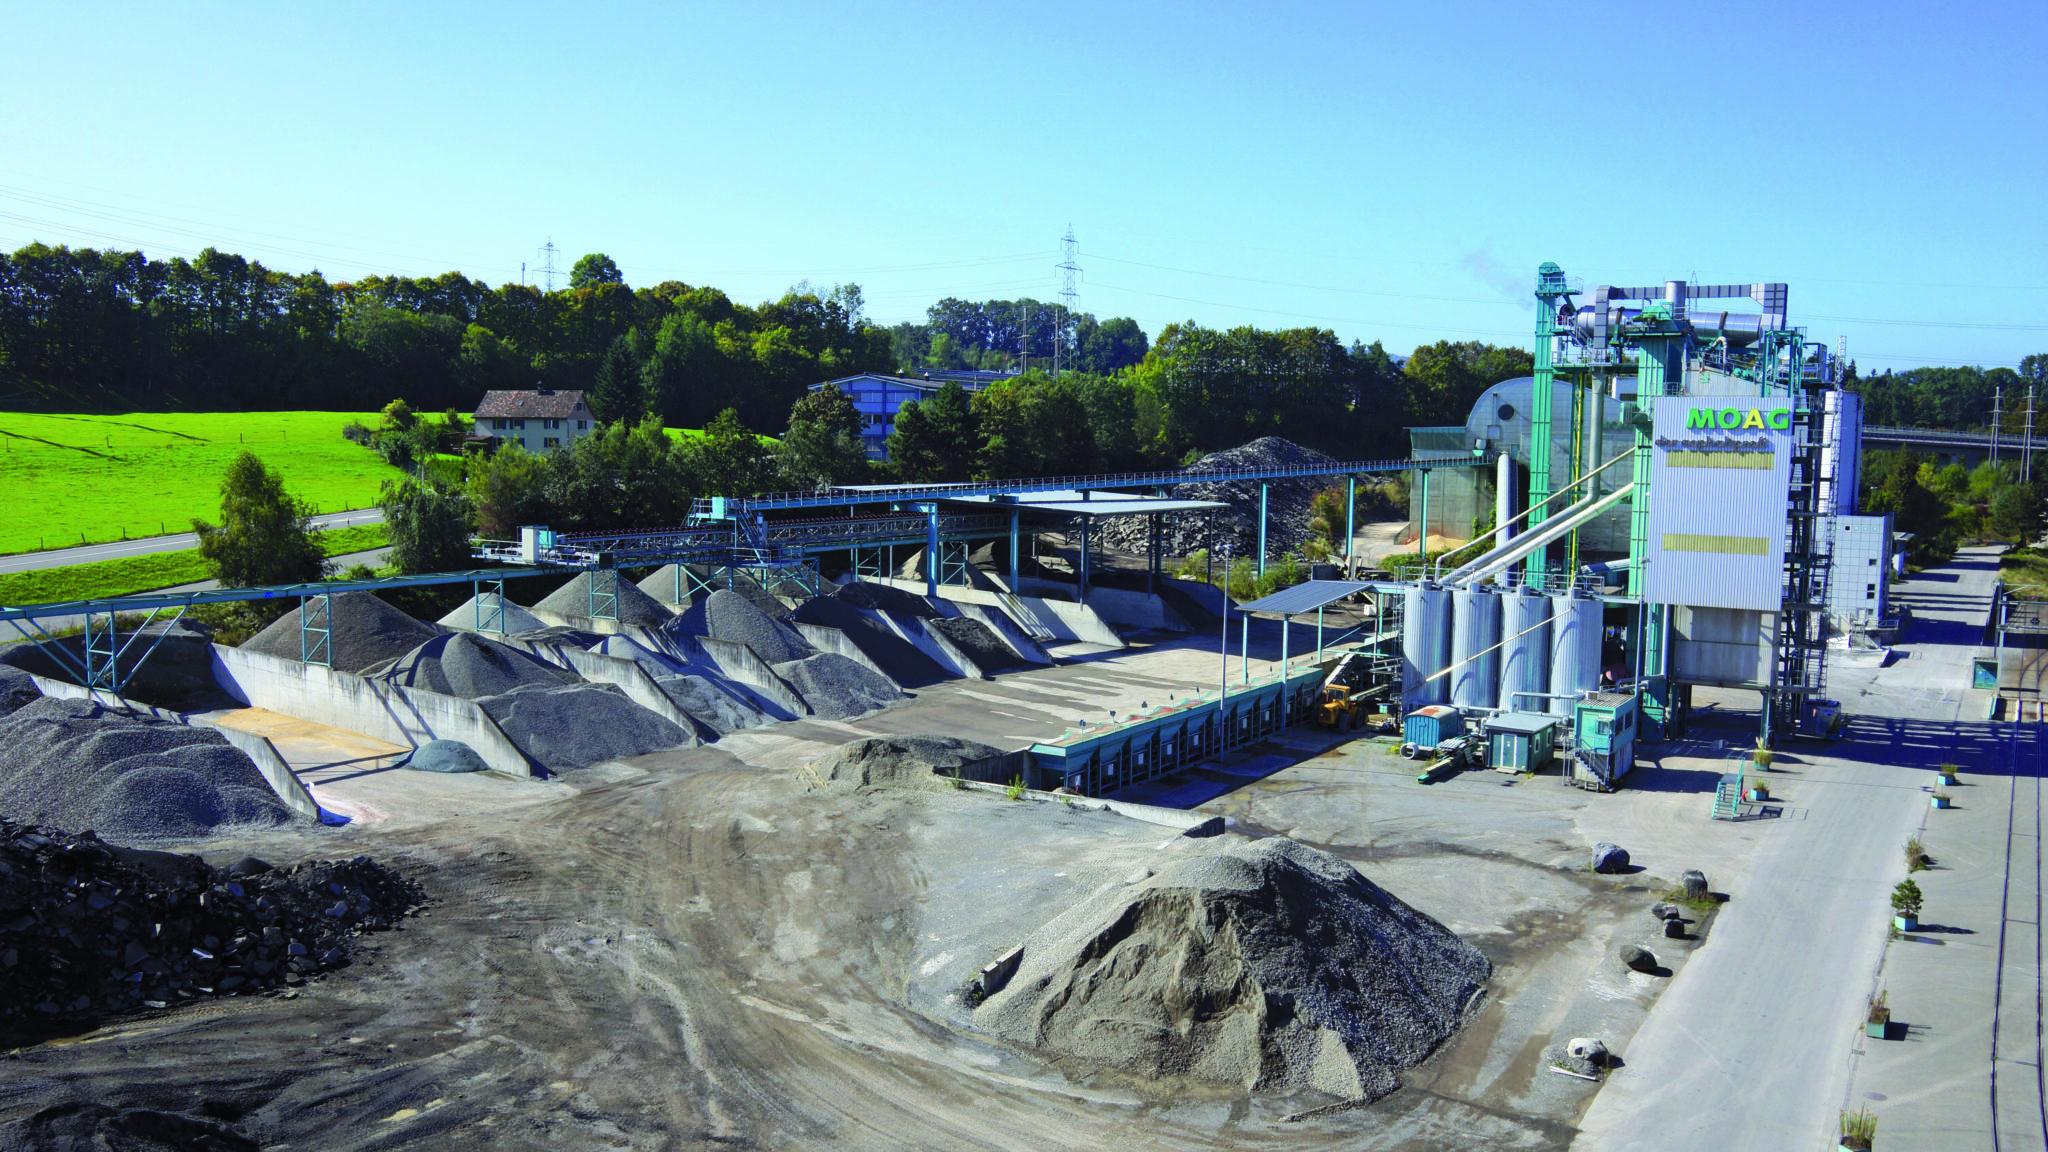 Für die Asphaltproduktion sind riesige Rohstoffmengen nötig. Die Firma MOAG setzt deshalb auch auf Rohstoffe aus recycelten Strassen.